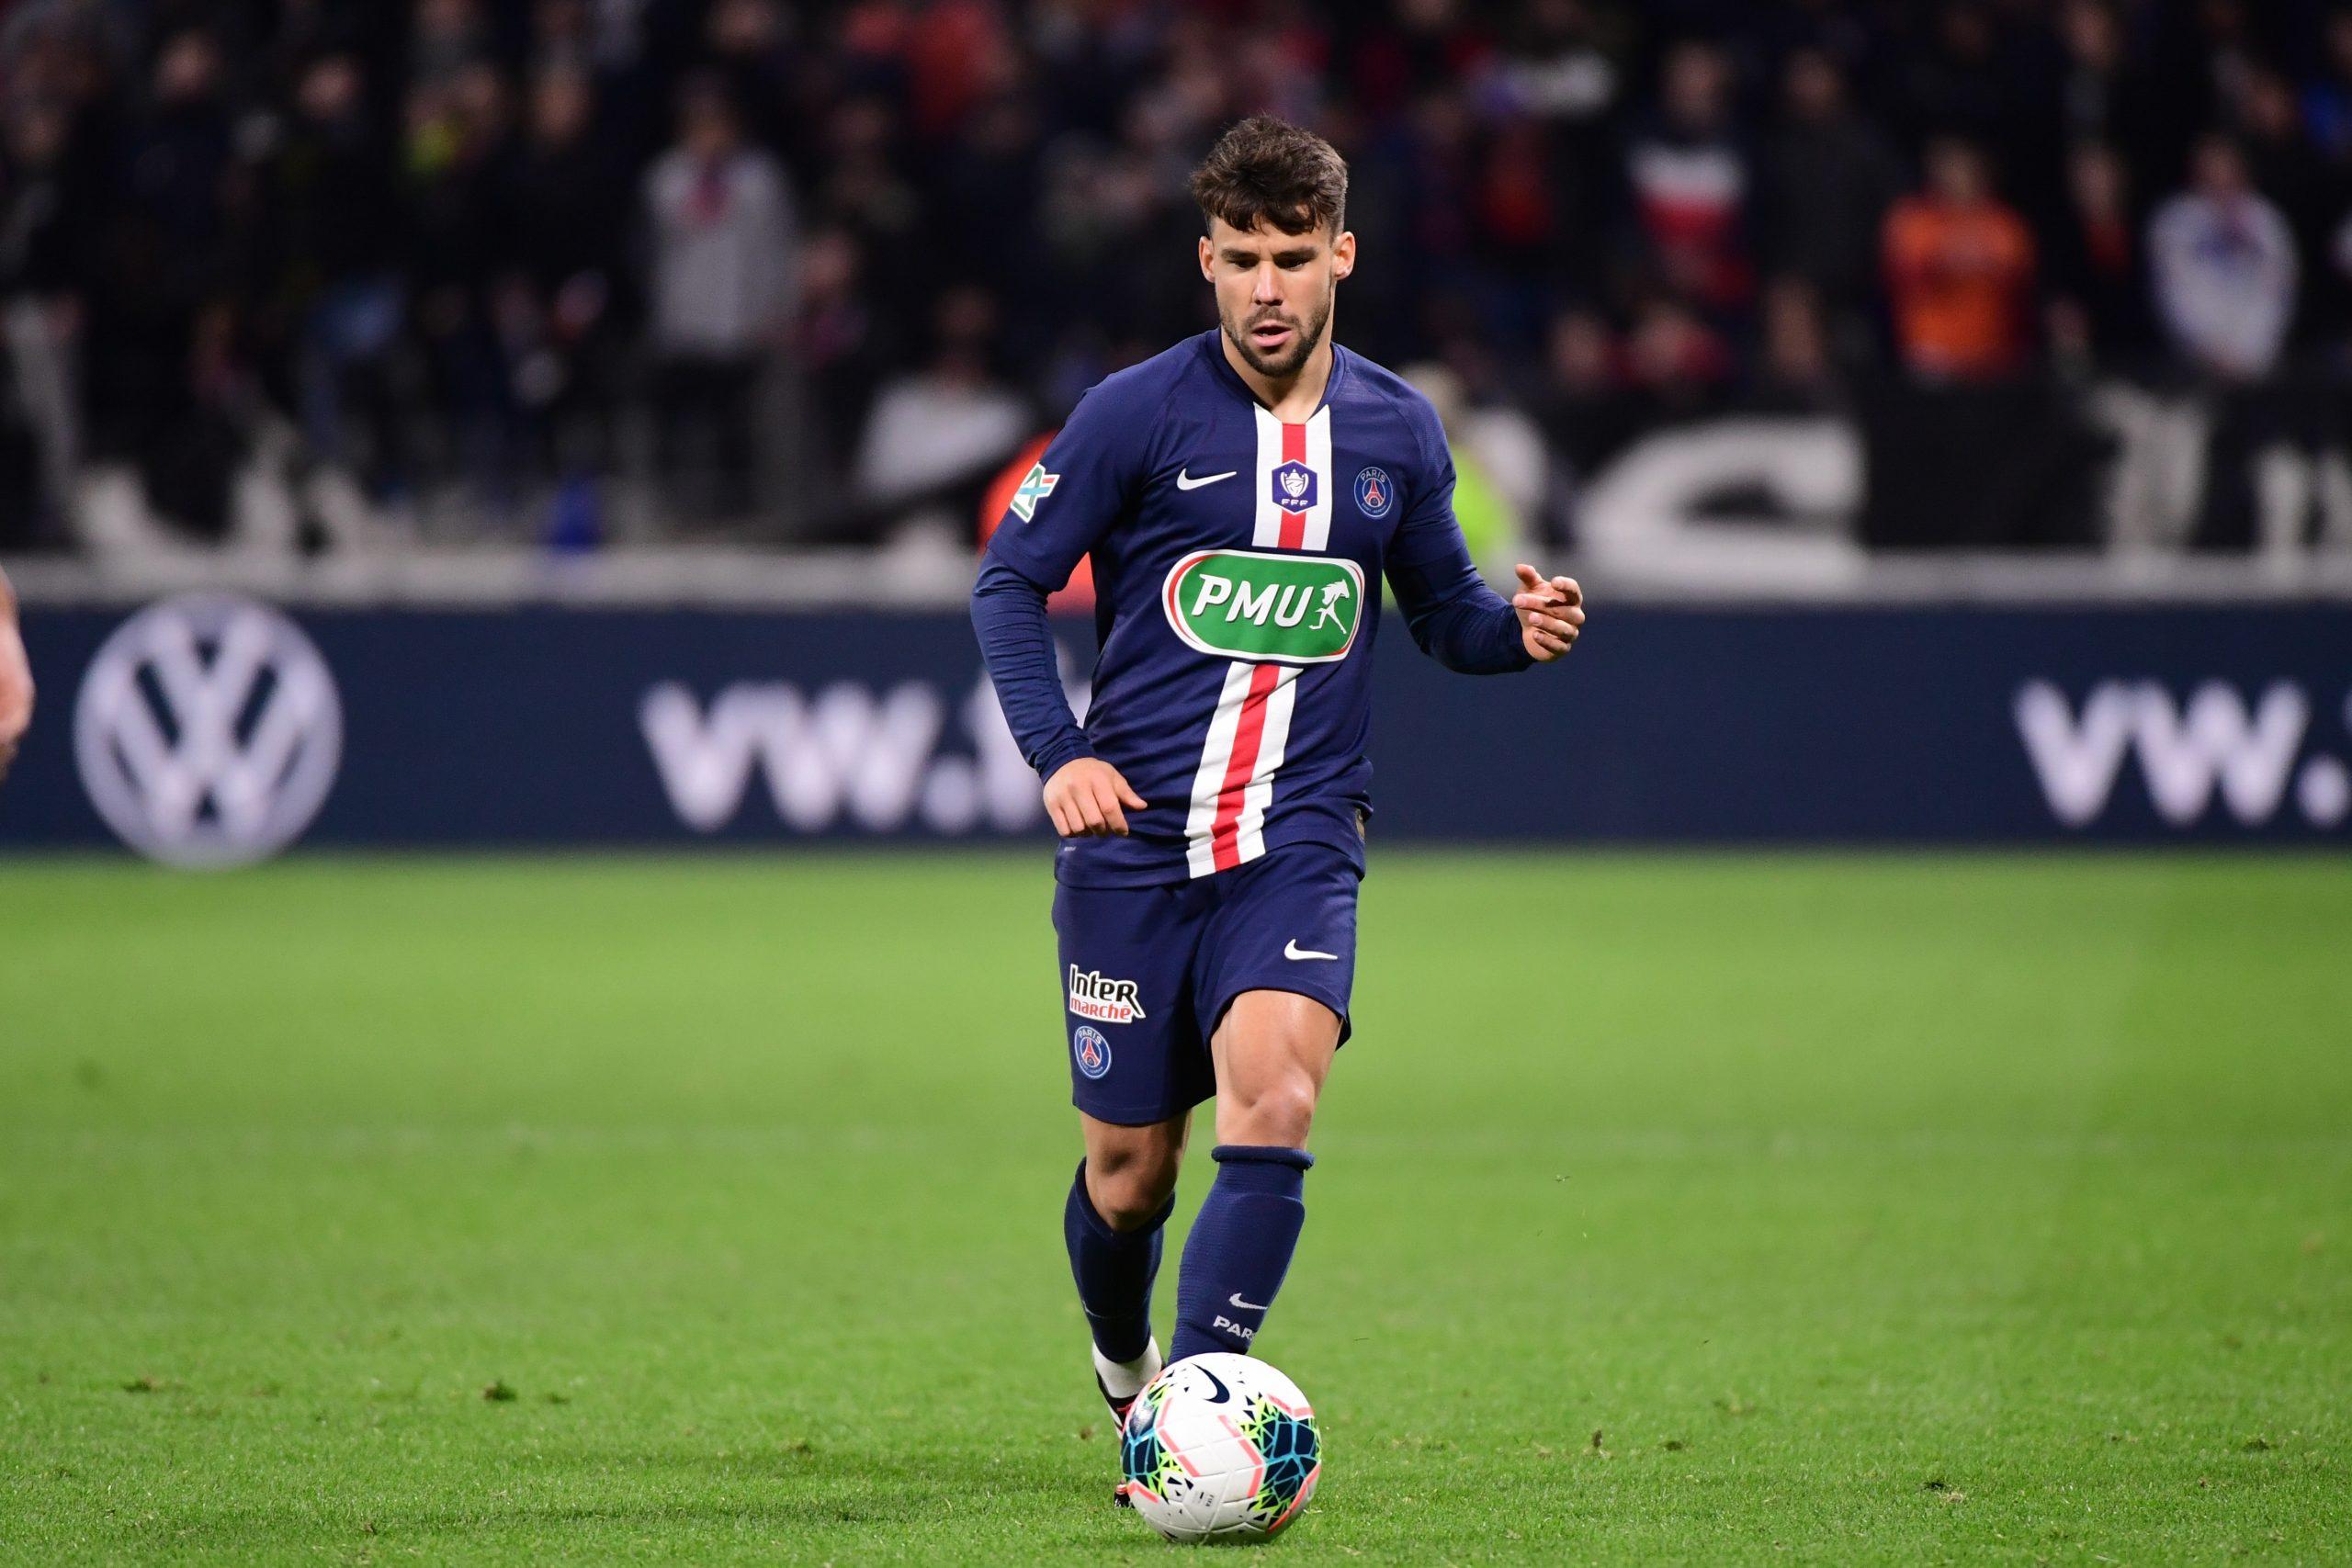 Bernat s'est incliné face à Kluivert, le PSG est éliminé du tournoi FIFA organisé par EA